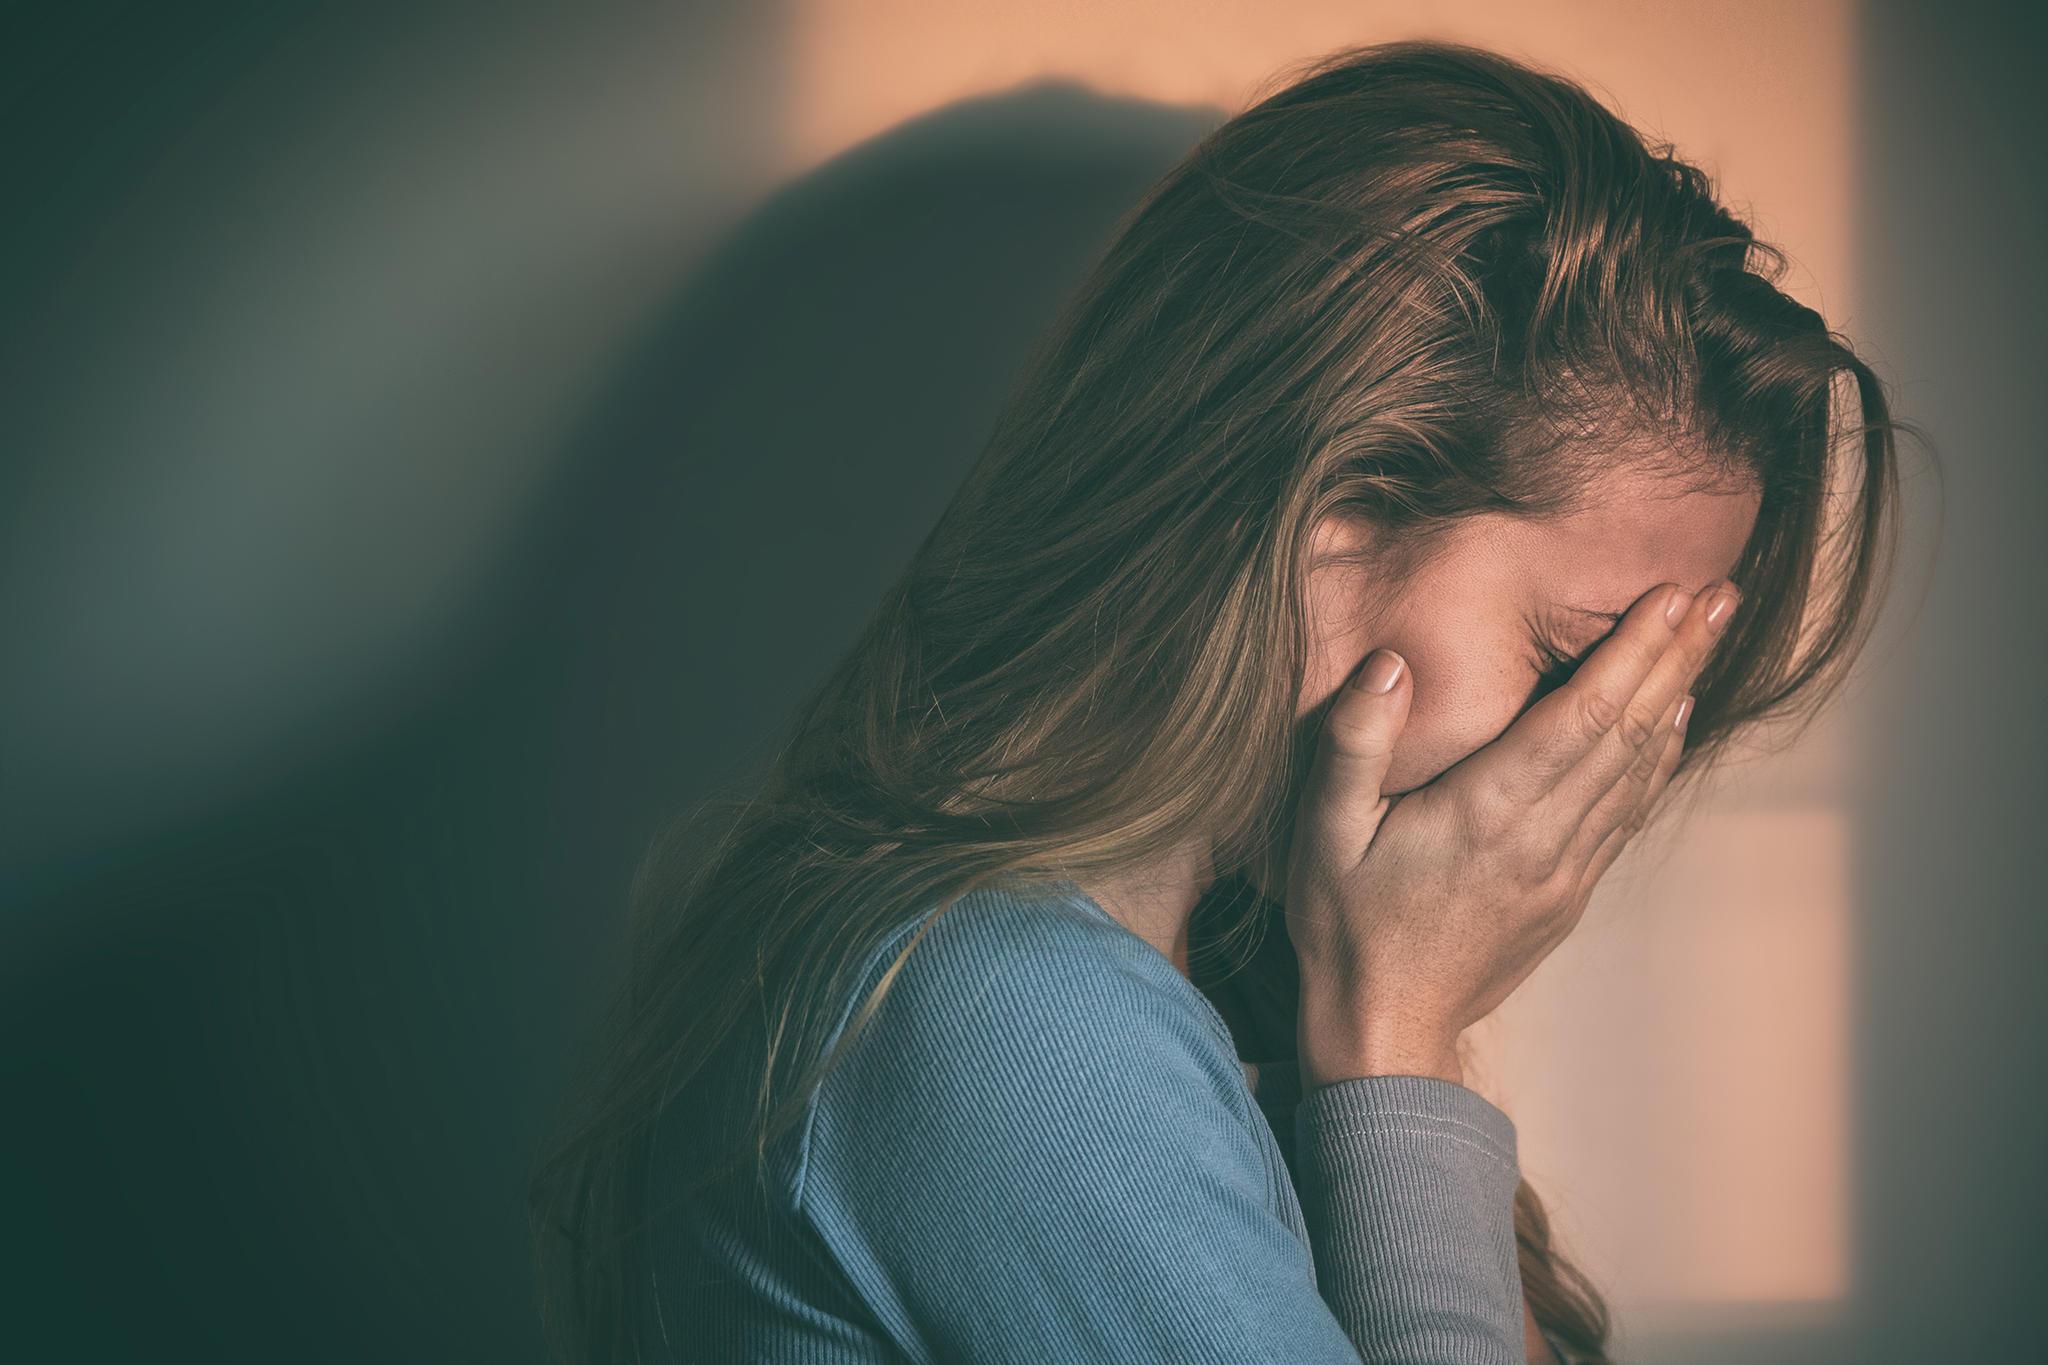 die sieben häufigsten irrtümer über depressionen   stern.de - Körperliche Schwäche Depression